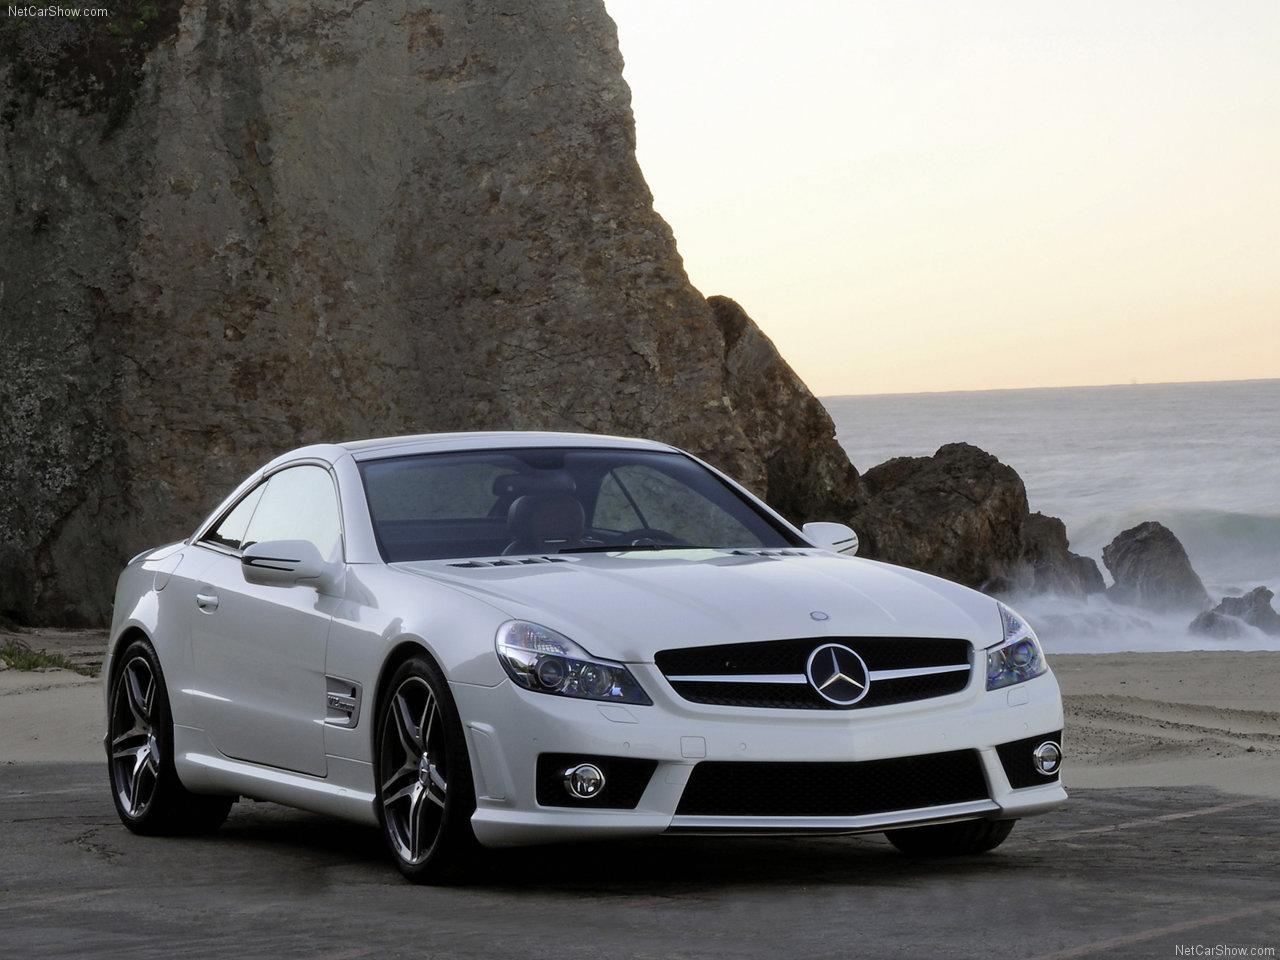 http://1.bp.blogspot.com/-a_mgundbEx8/TWnG4KDByNI/AAAAAAACLO4/5LBVMkgUr8s/s1600/Mercedes-Benz-SL65_AMG_2009_1280x960_wallpaper_03.jpg